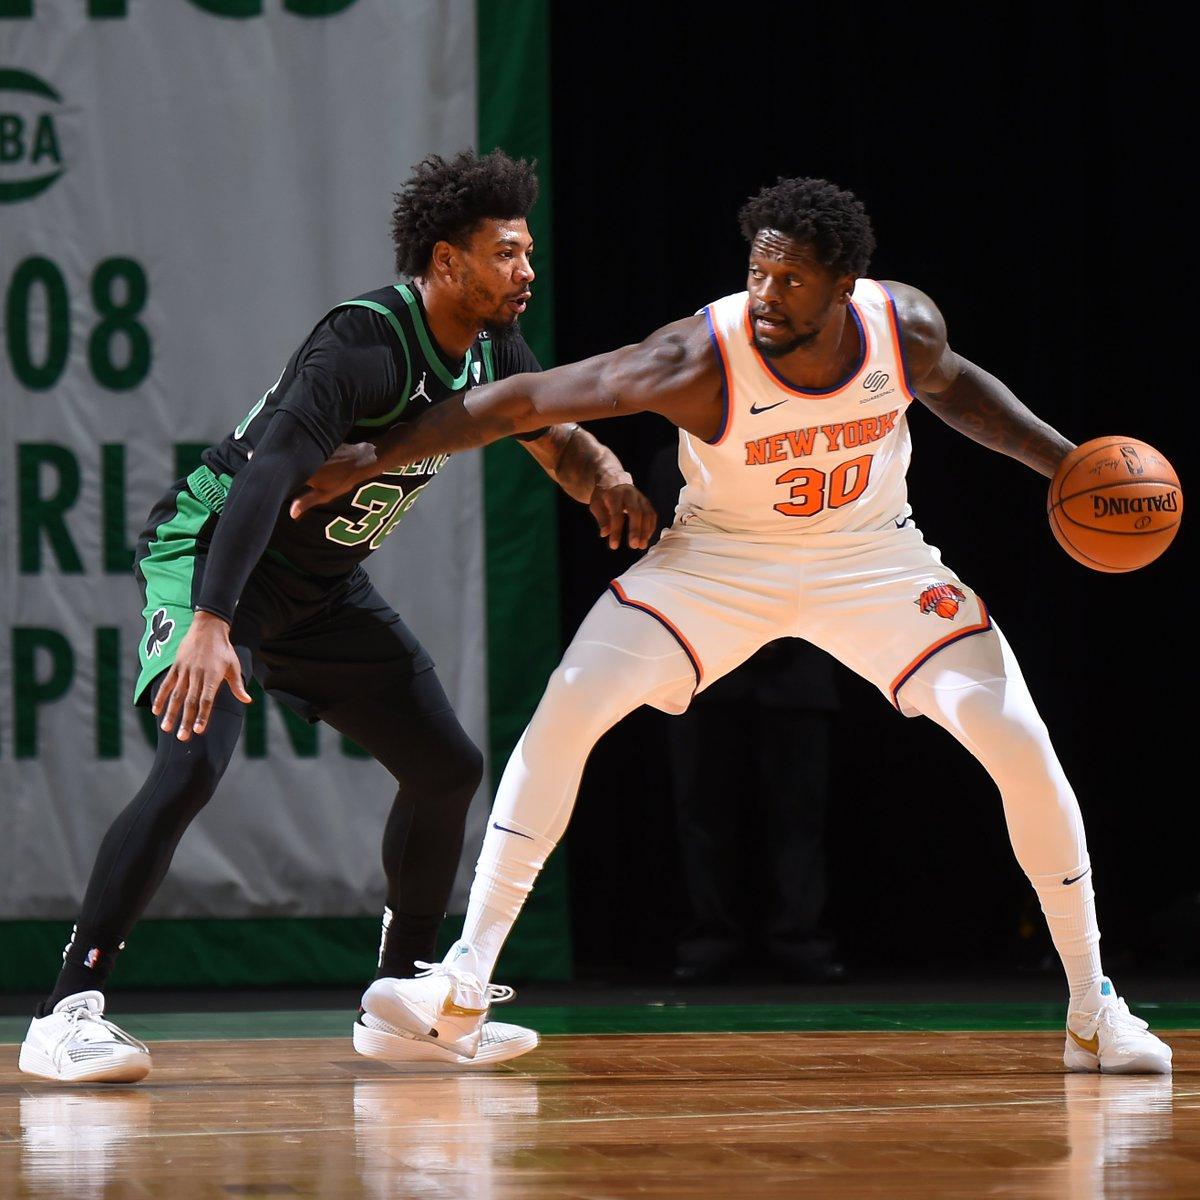 🌆 @nyknicks lead @celtics 33-24 early 2Q on @NBATV. Randle: 10 PTS, 3 REB, 2 STL Barrett: 9 PTS, 6 REB, 2 AST, 2 STL